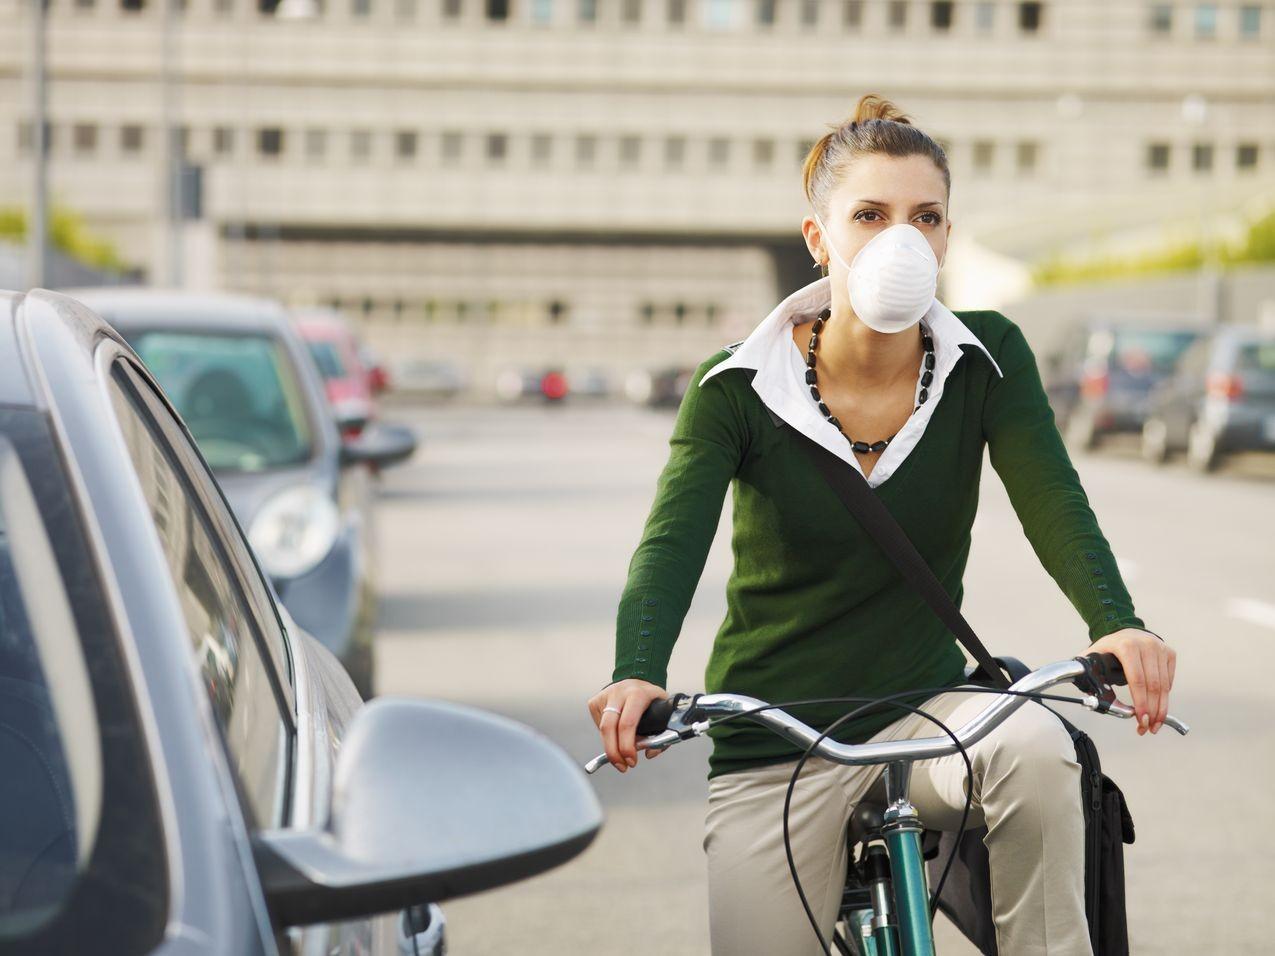 Езда навелосипеде в городах может навредить здоровью— Ученые